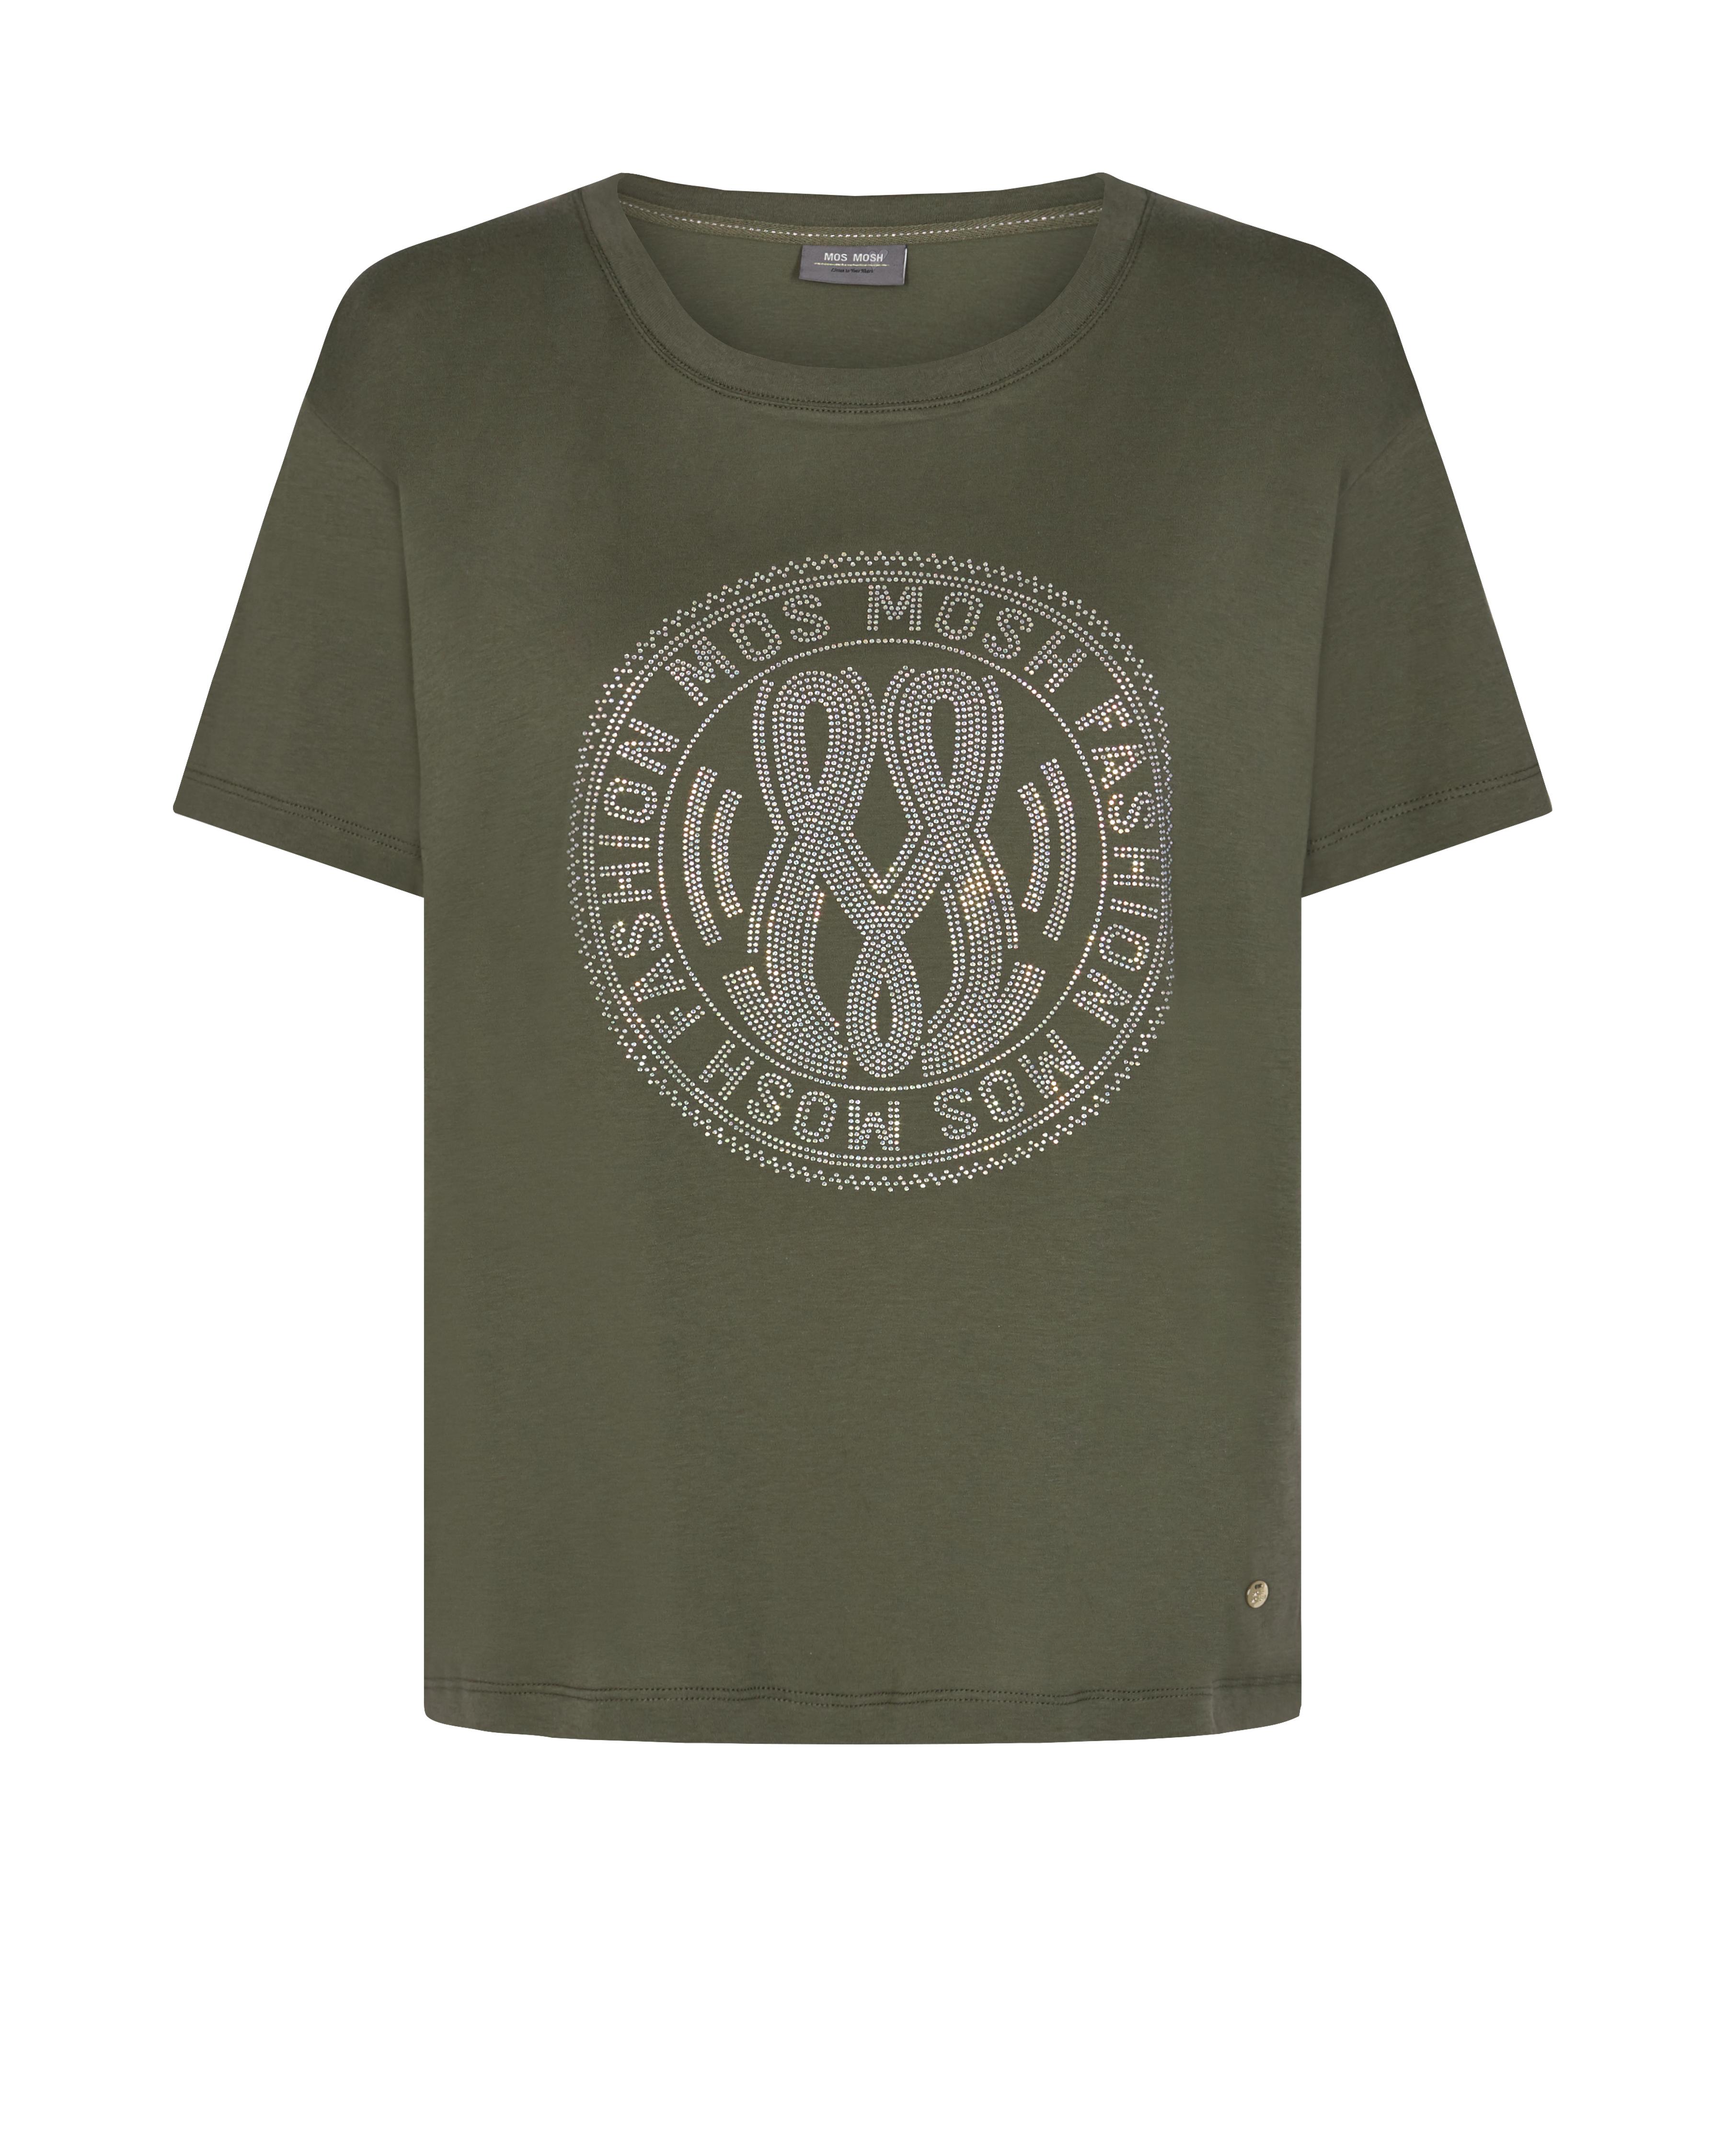 Mos Mosh Leah Holi t-shirt, grape leaf, M